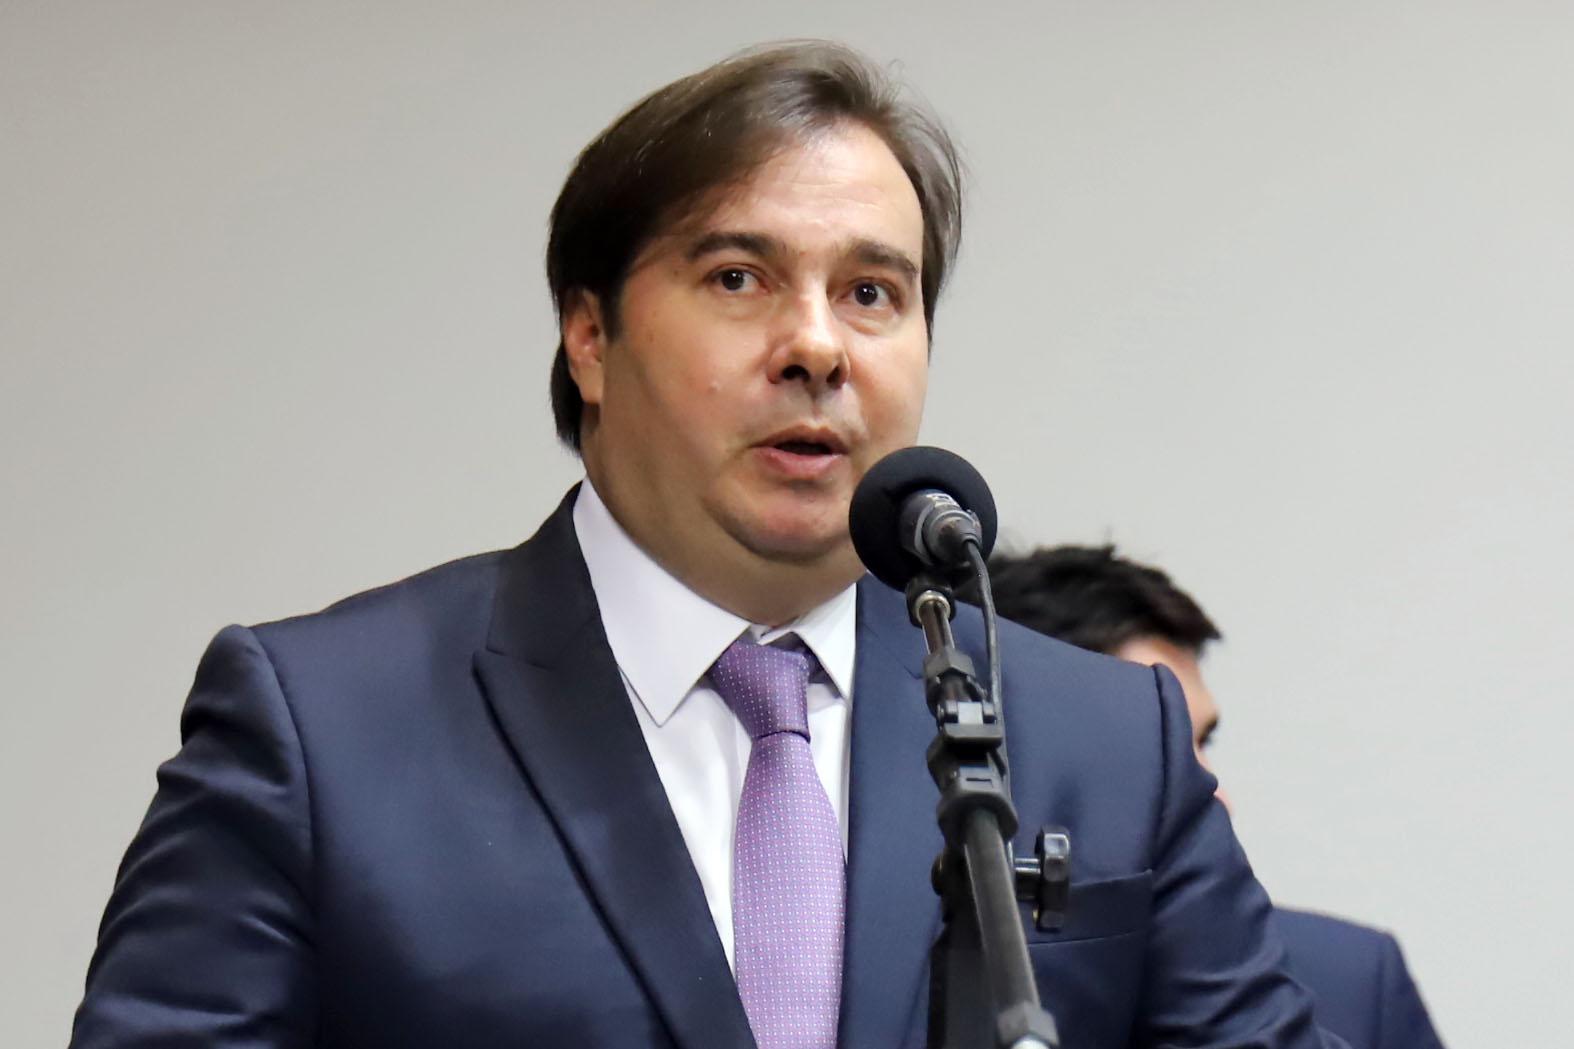 Convenção Nacional Progressistas. Presidente da Câmara dep. Rodrigo Maia (DEM-RJ)